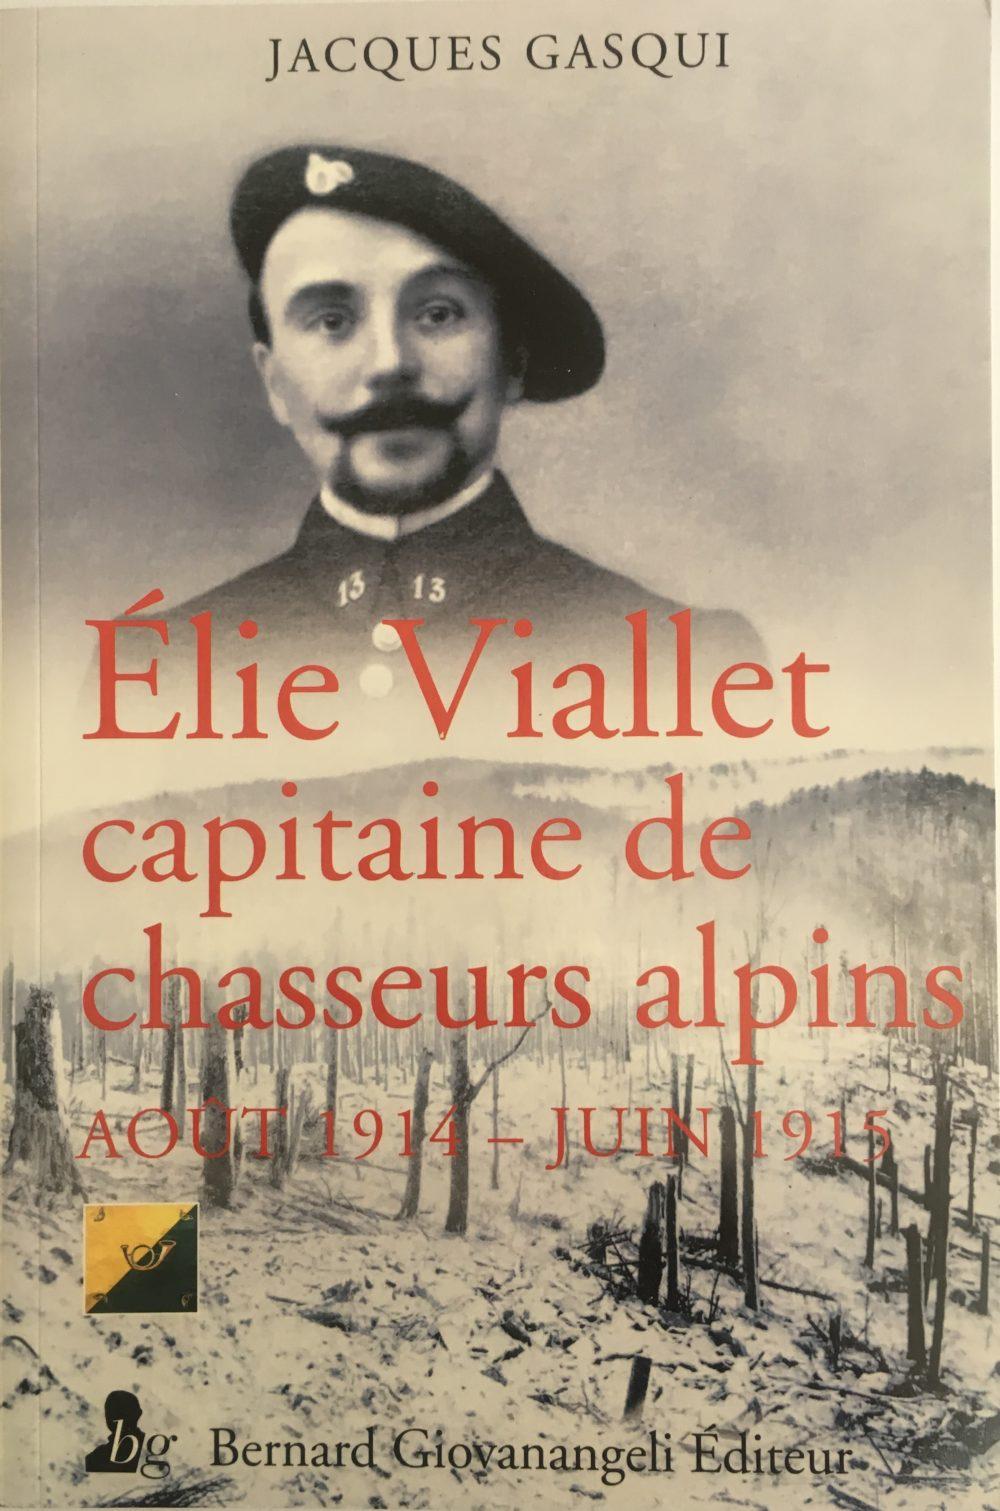 Elie Viallet